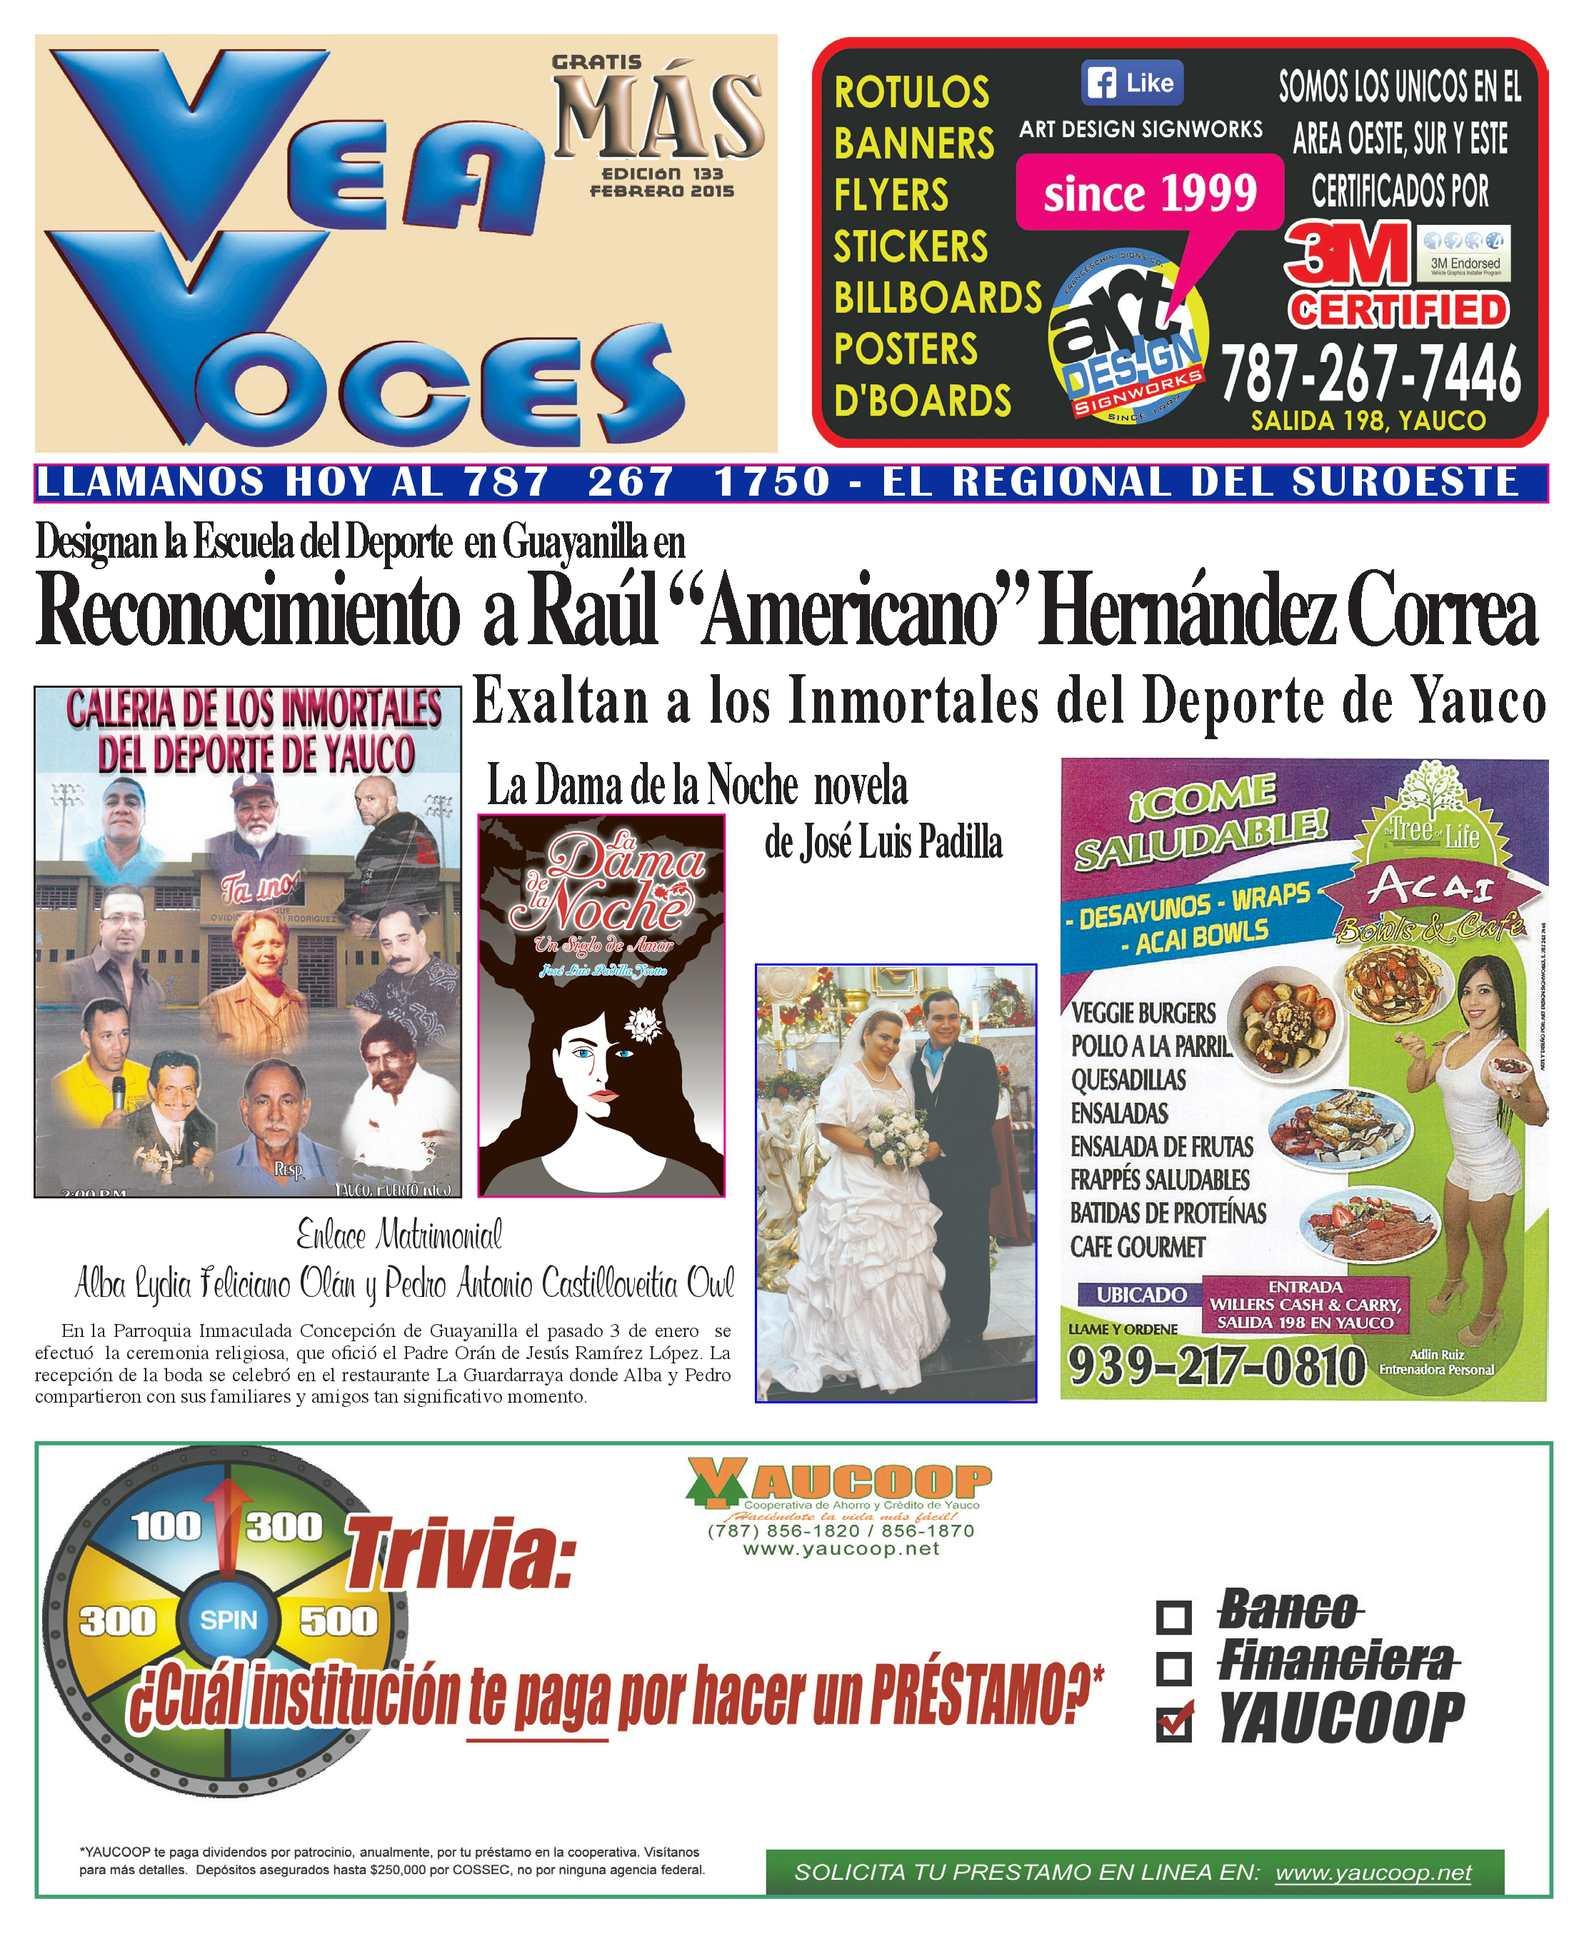 Calaméo - Mas Veavoces 133